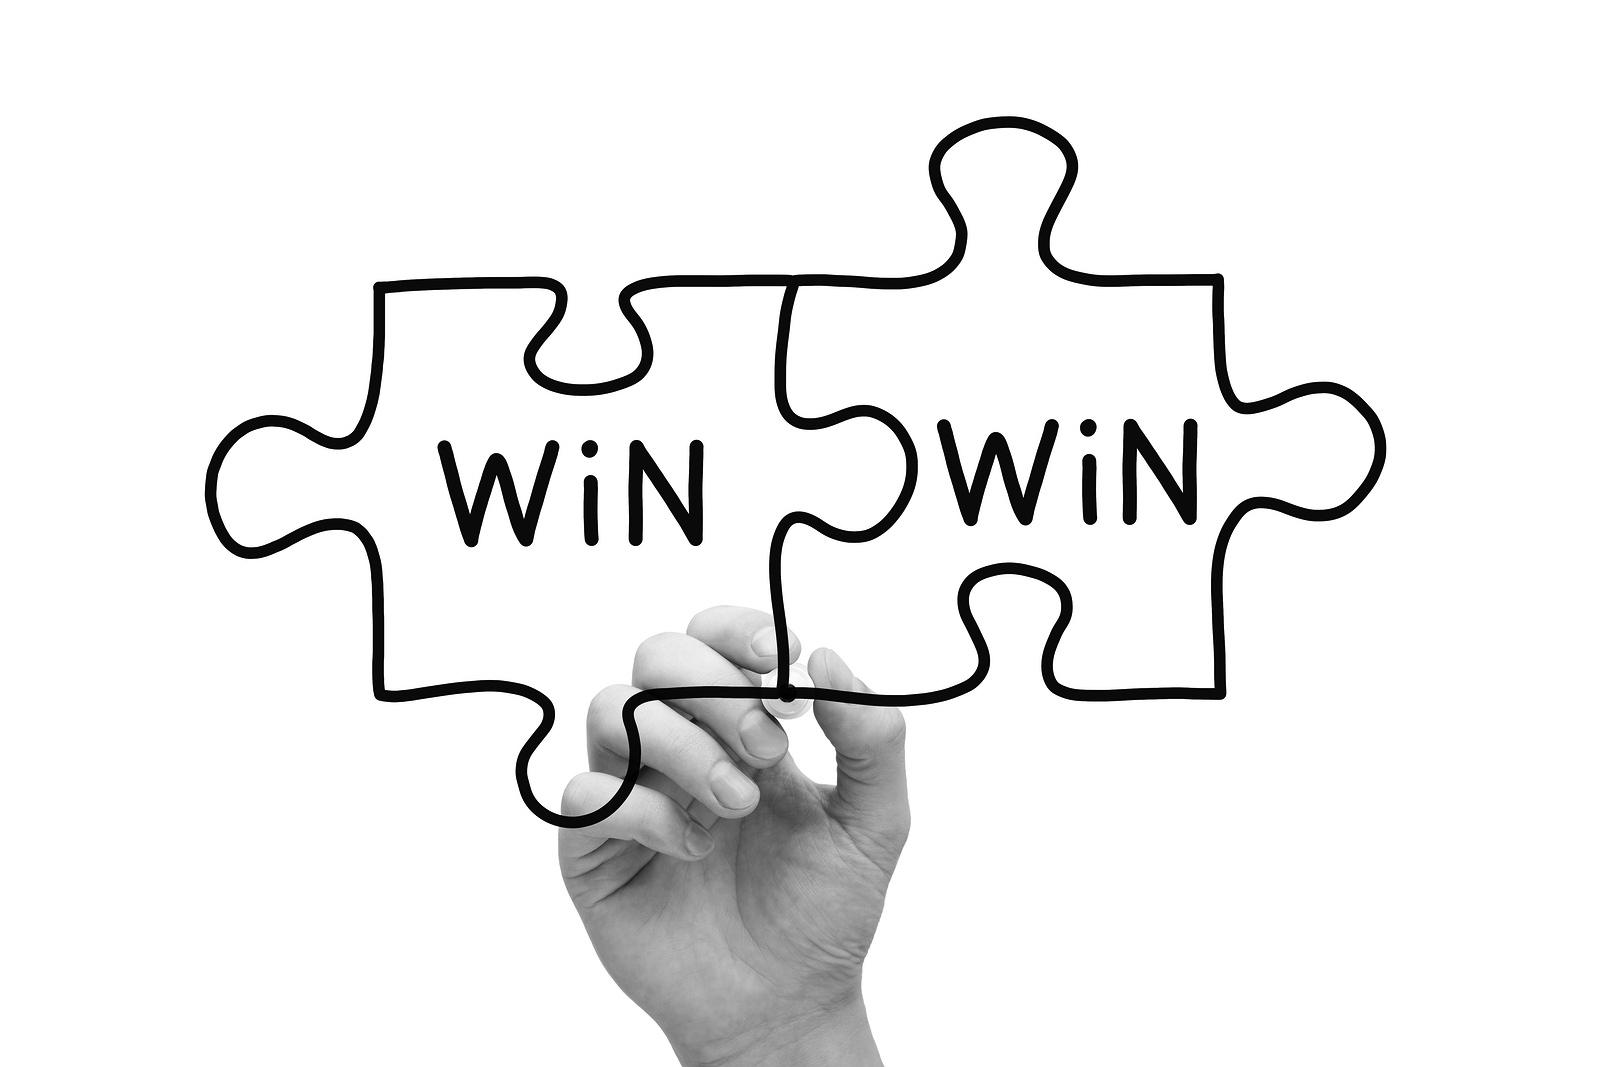 サブスクリプションモデルは、提供側も利用者側もWin-Winのビジネスモデルだった